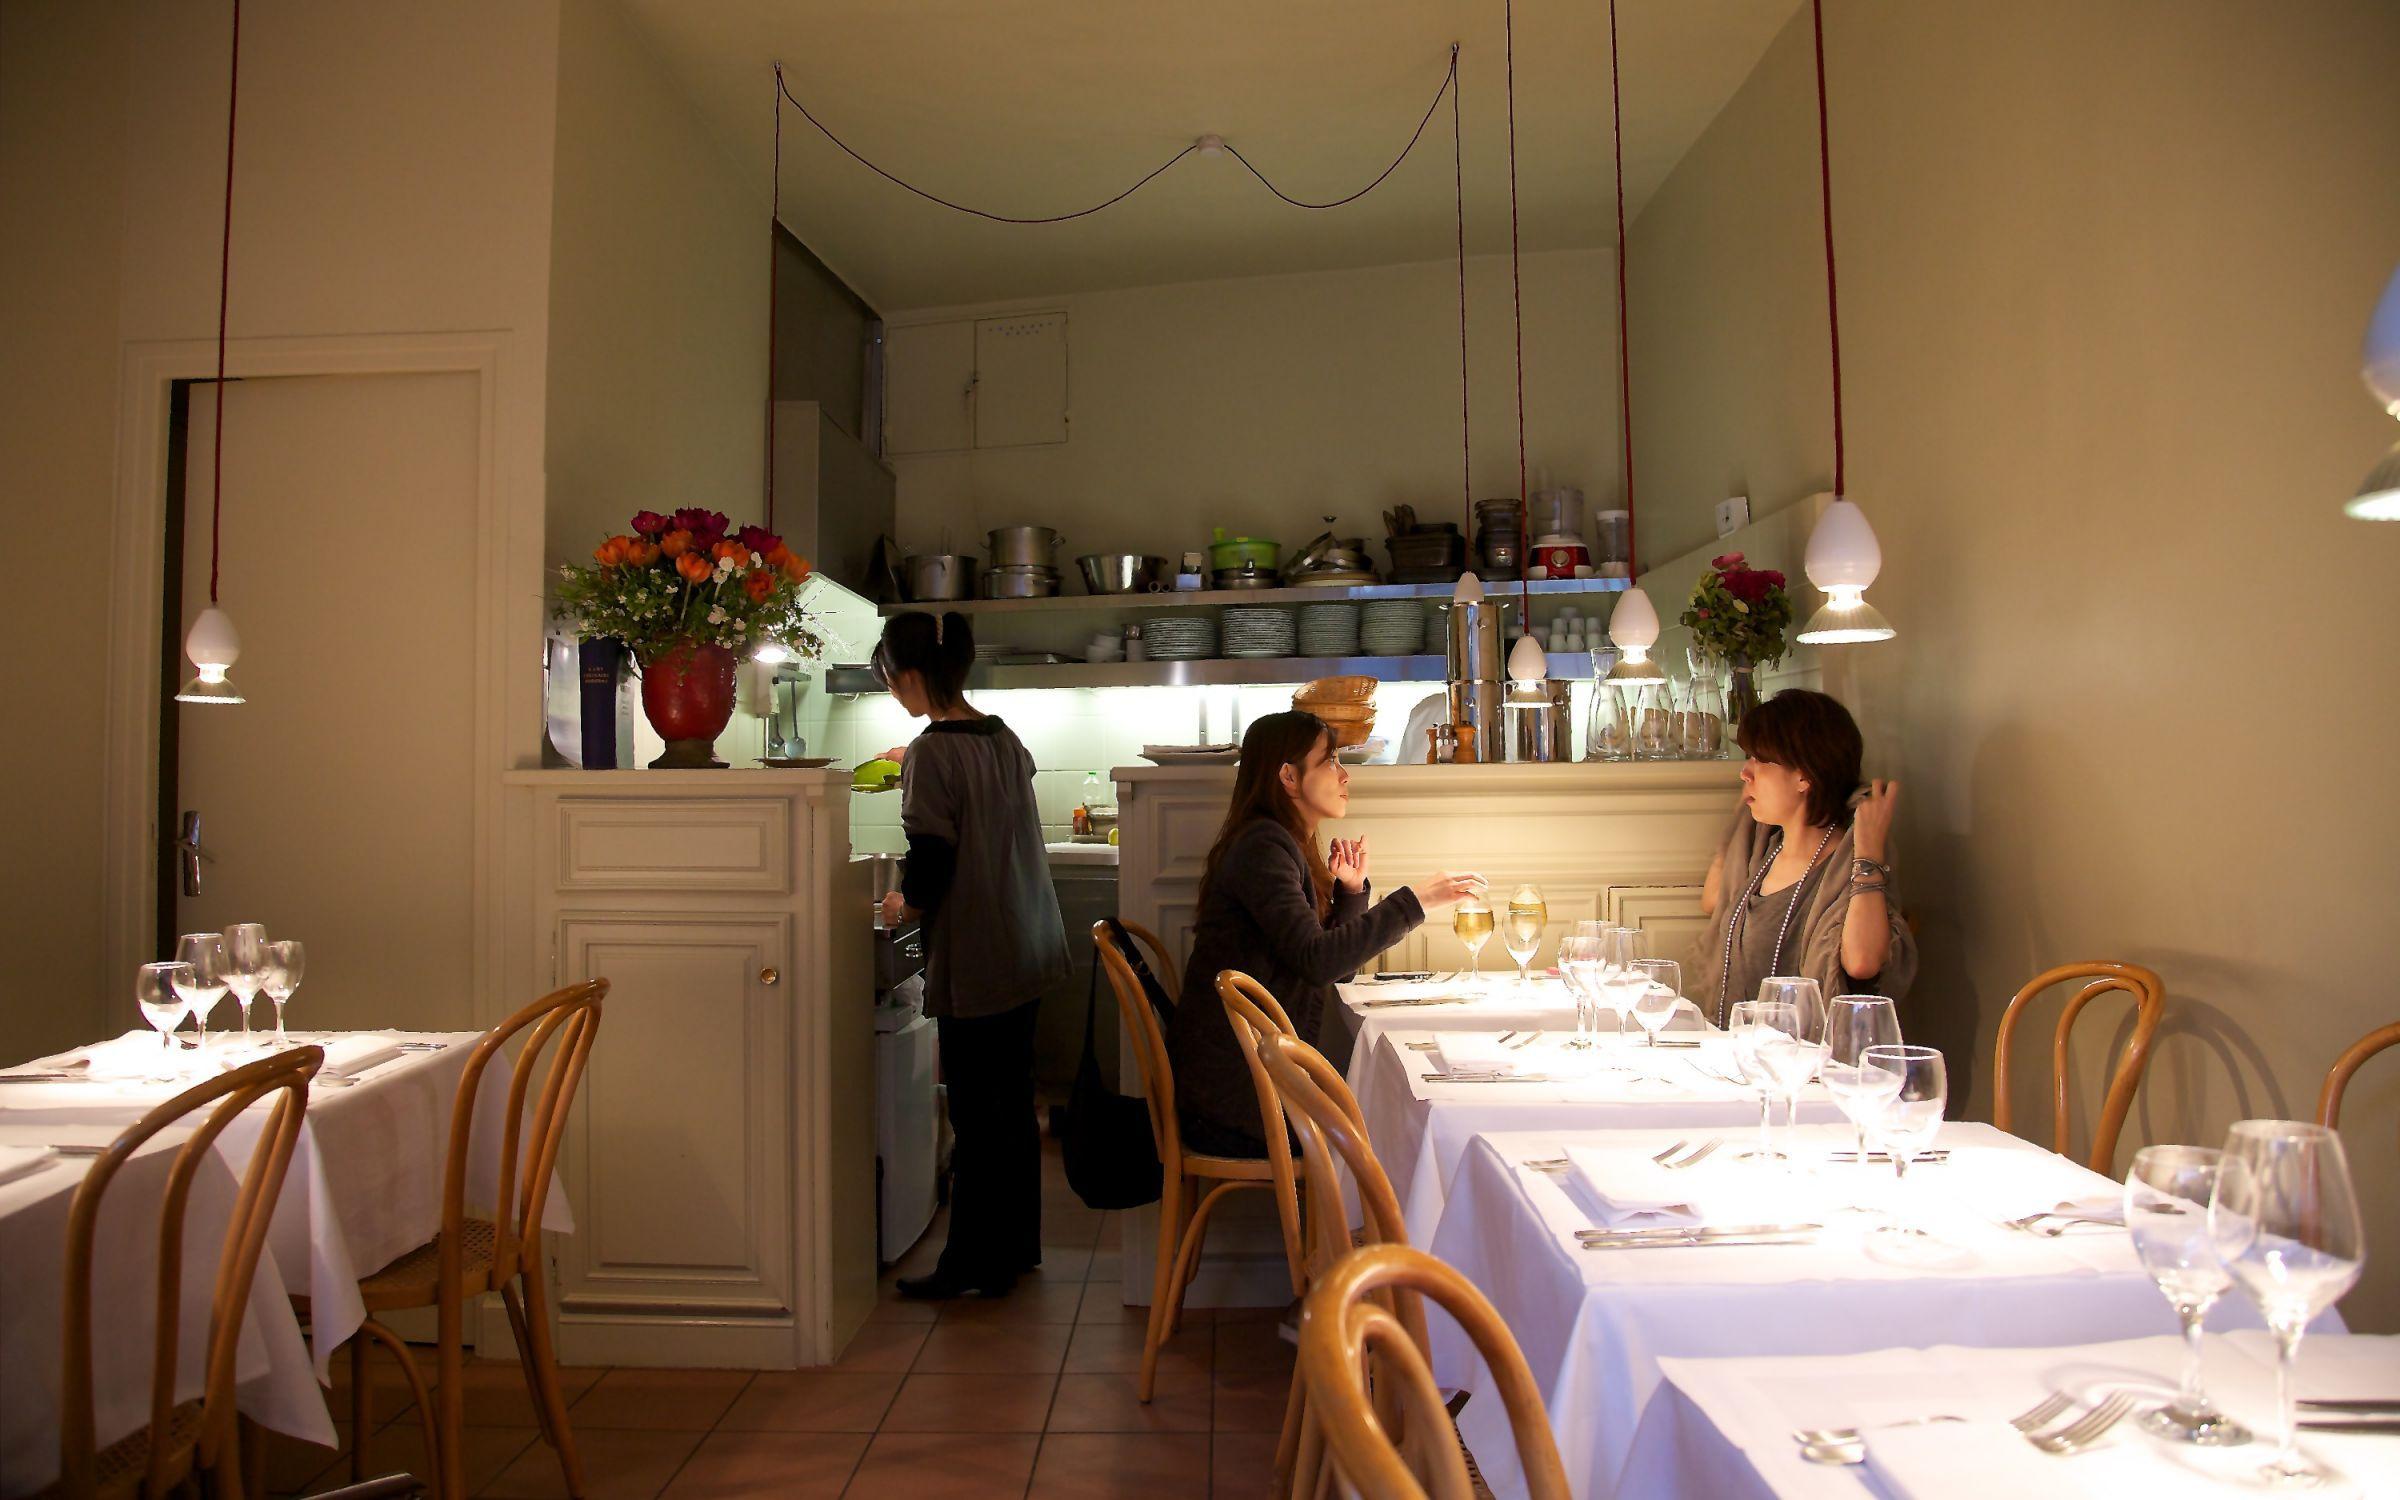 la table d 39 aki qli travel qli travel restaurants. Black Bedroom Furniture Sets. Home Design Ideas